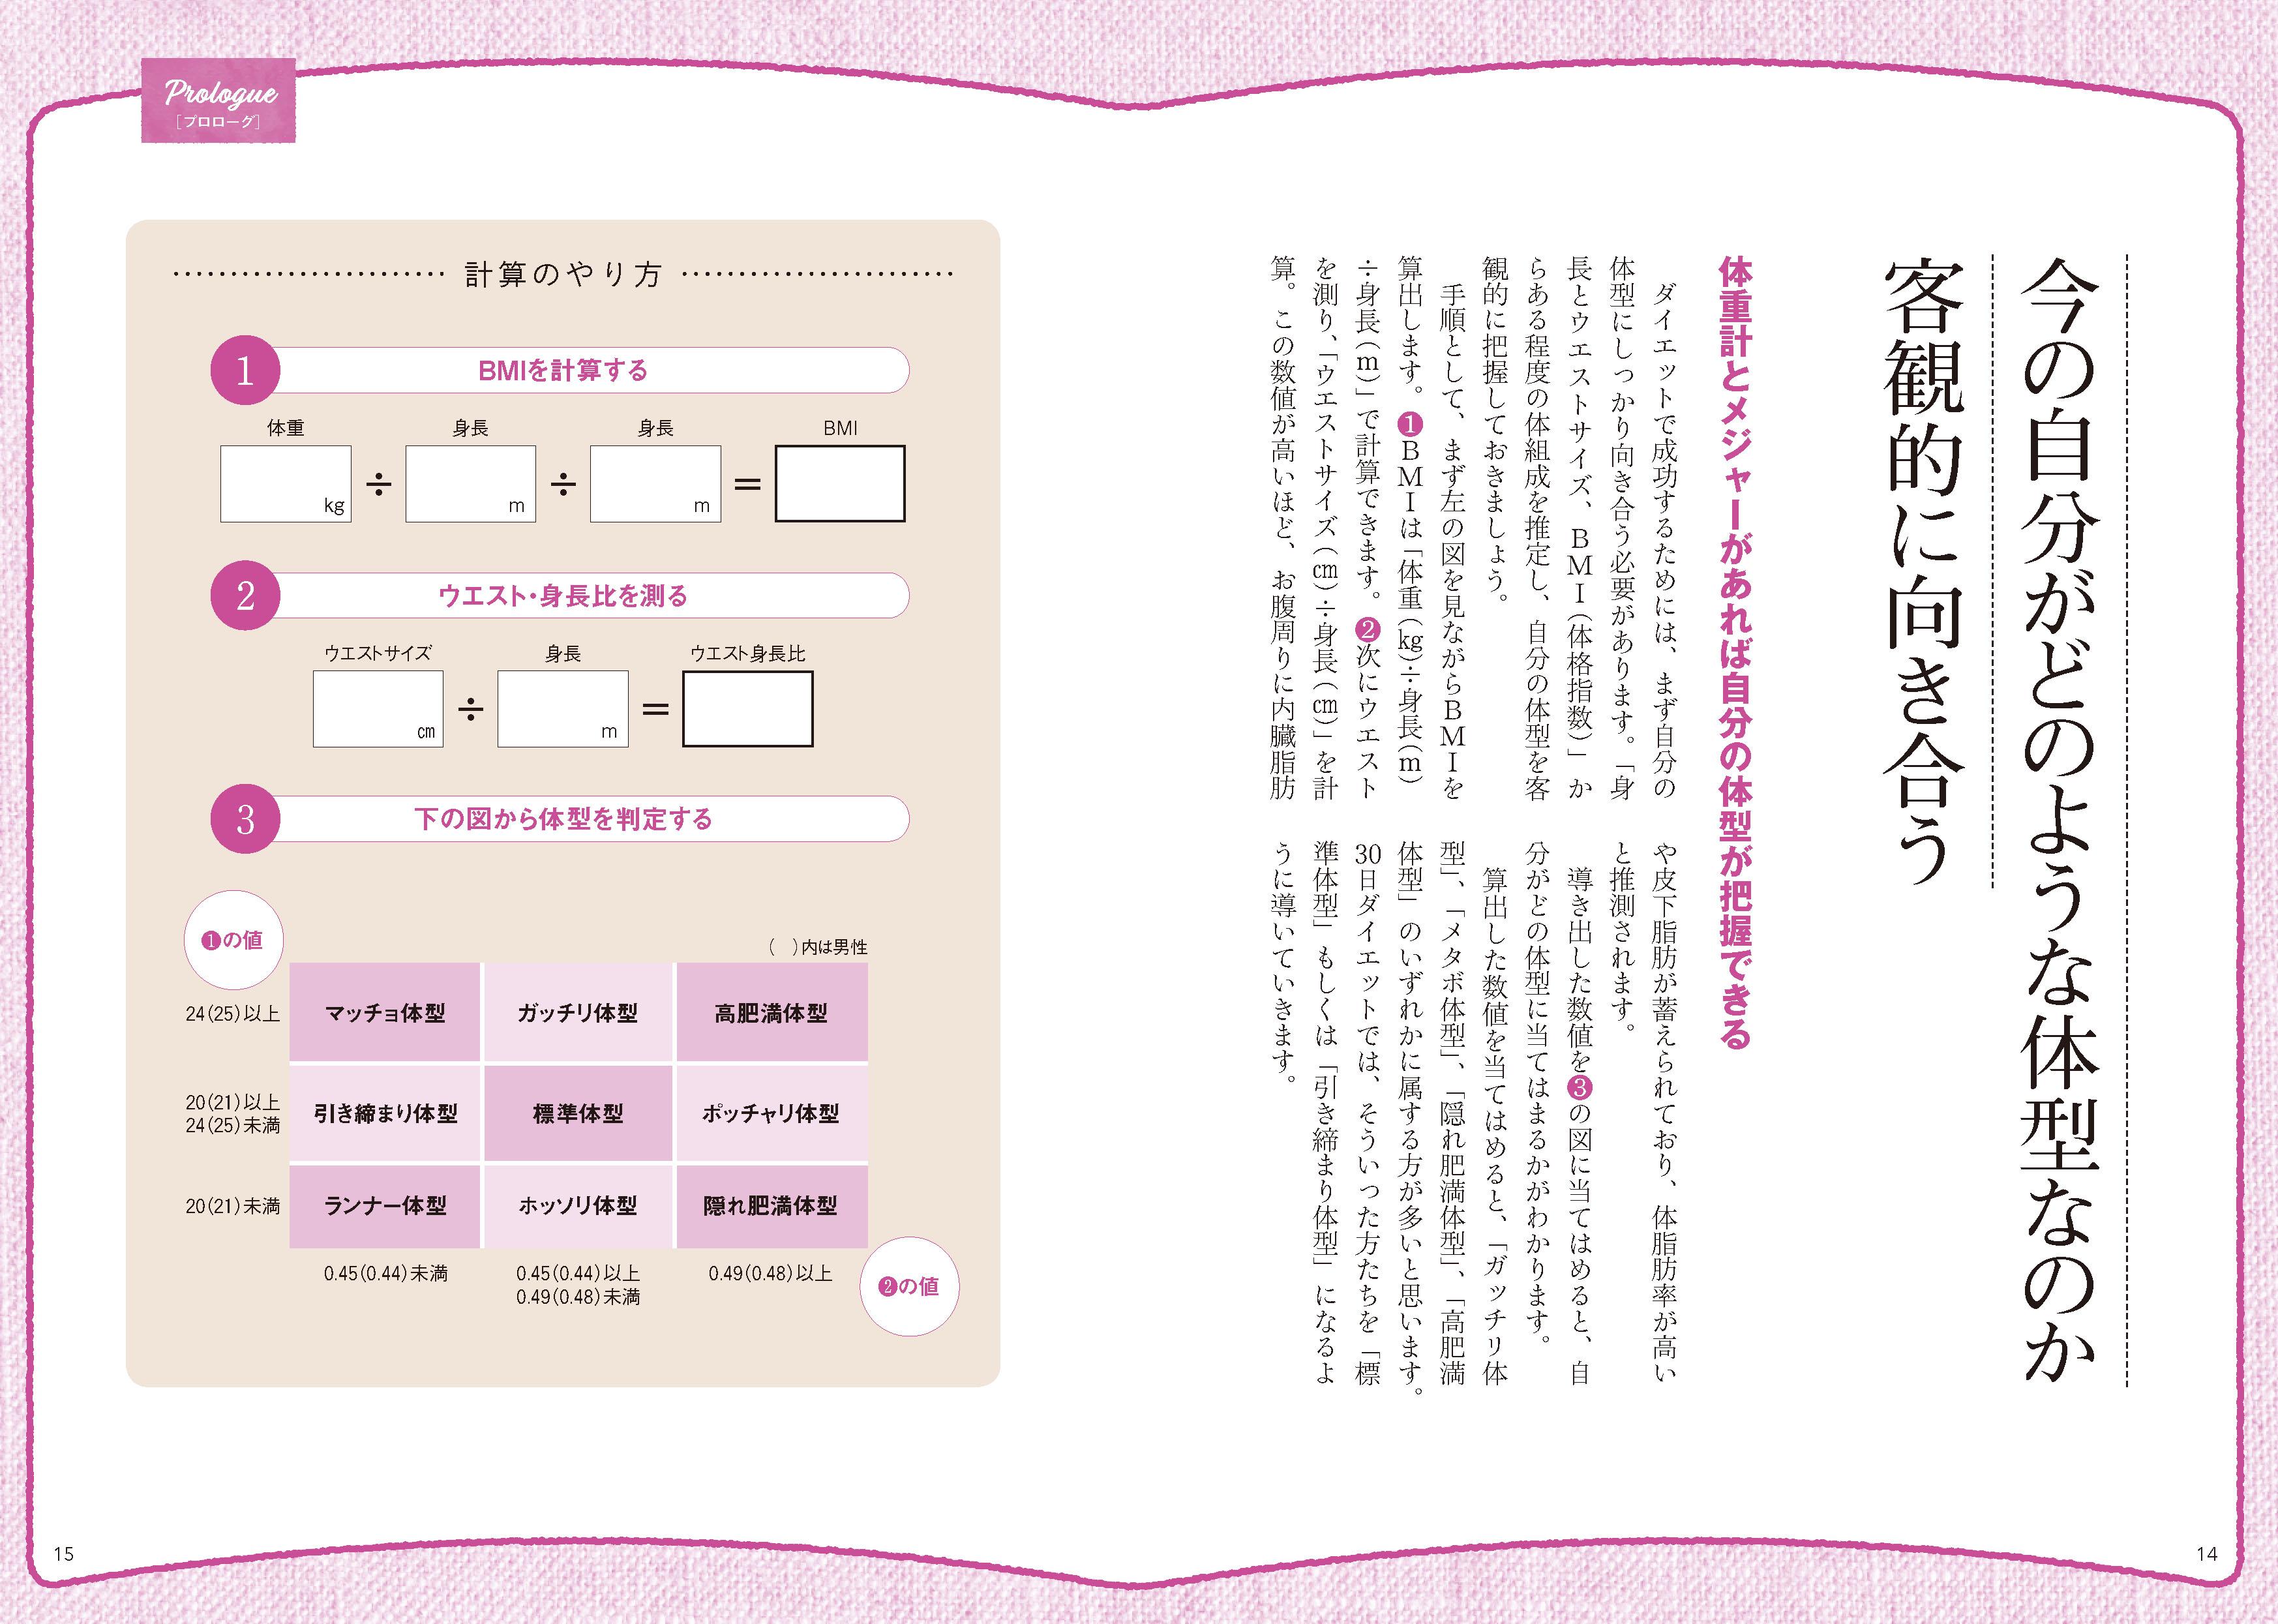 画像は、『1日1ページで痩せるダイエット最強の教科書』(日本文芸社)より。自分の体型と客観的に向き合うページ